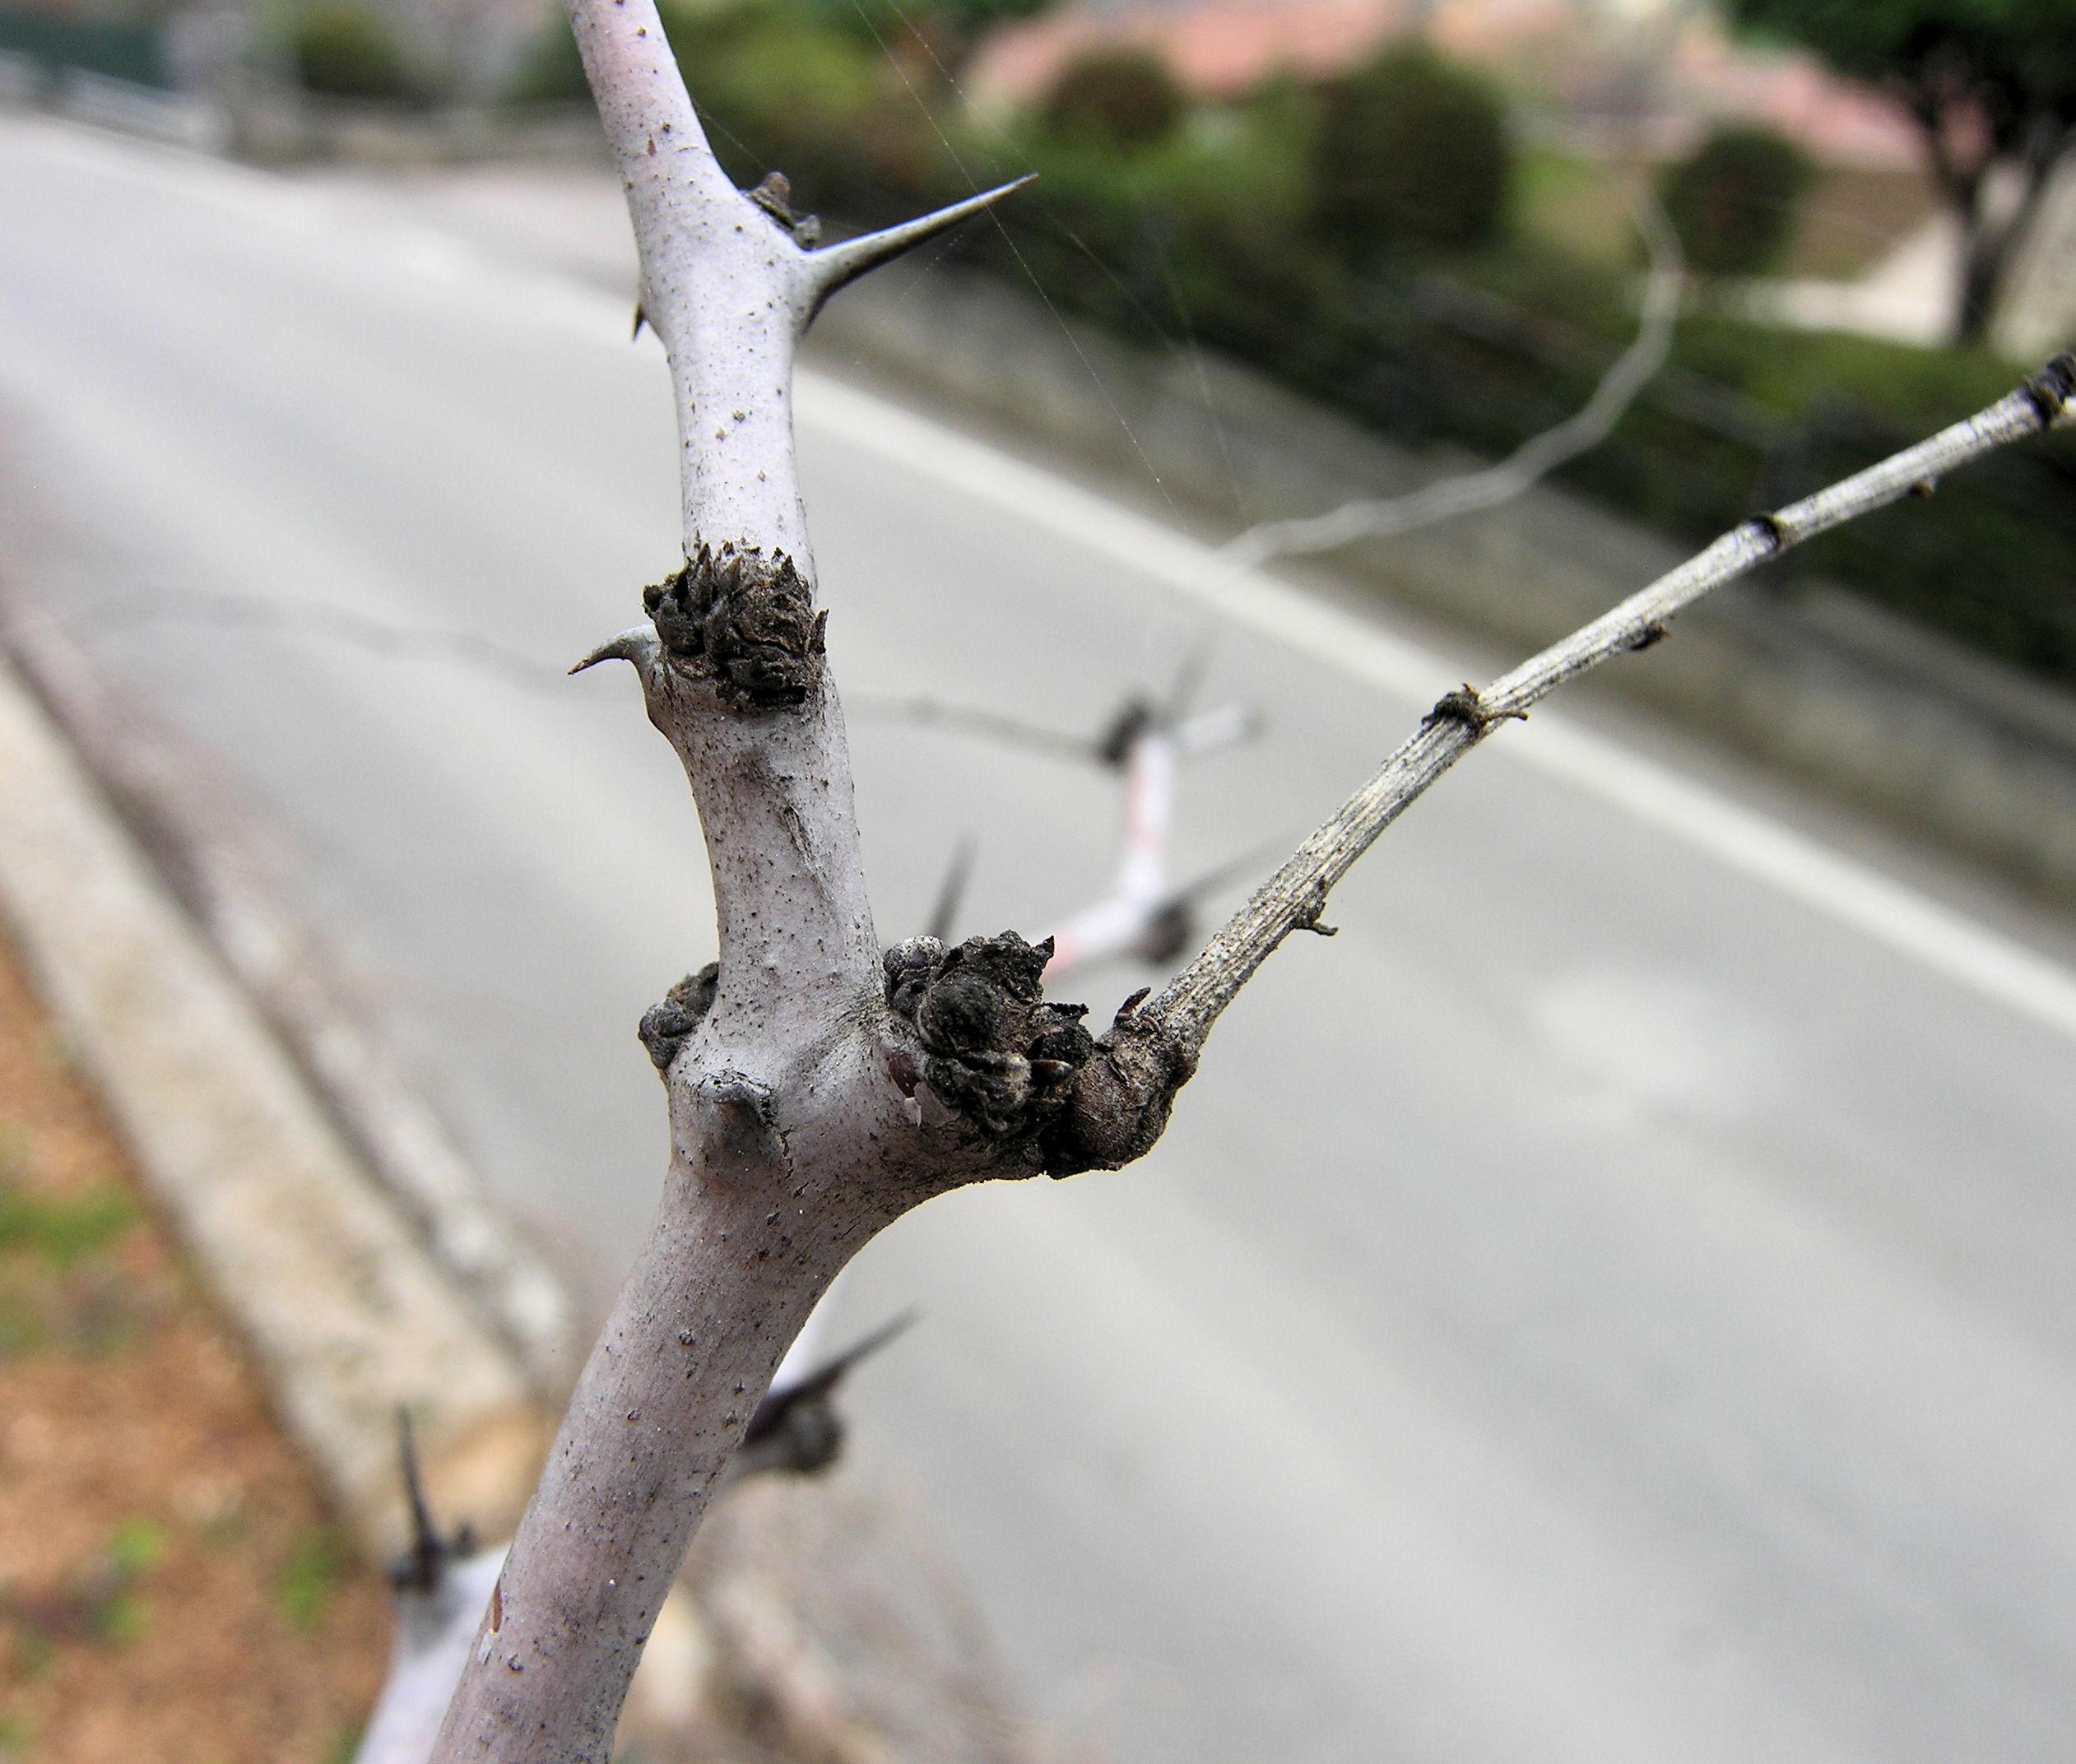 © Dipartimento di Scienze della Vita, Università degli Studi di Trieste<br>by Andrea Moro<br>Comune di Serle, BS, Lombardia, Italia, 28/03/2010<br>Distributed under CC-BY-SA 4.0 license.